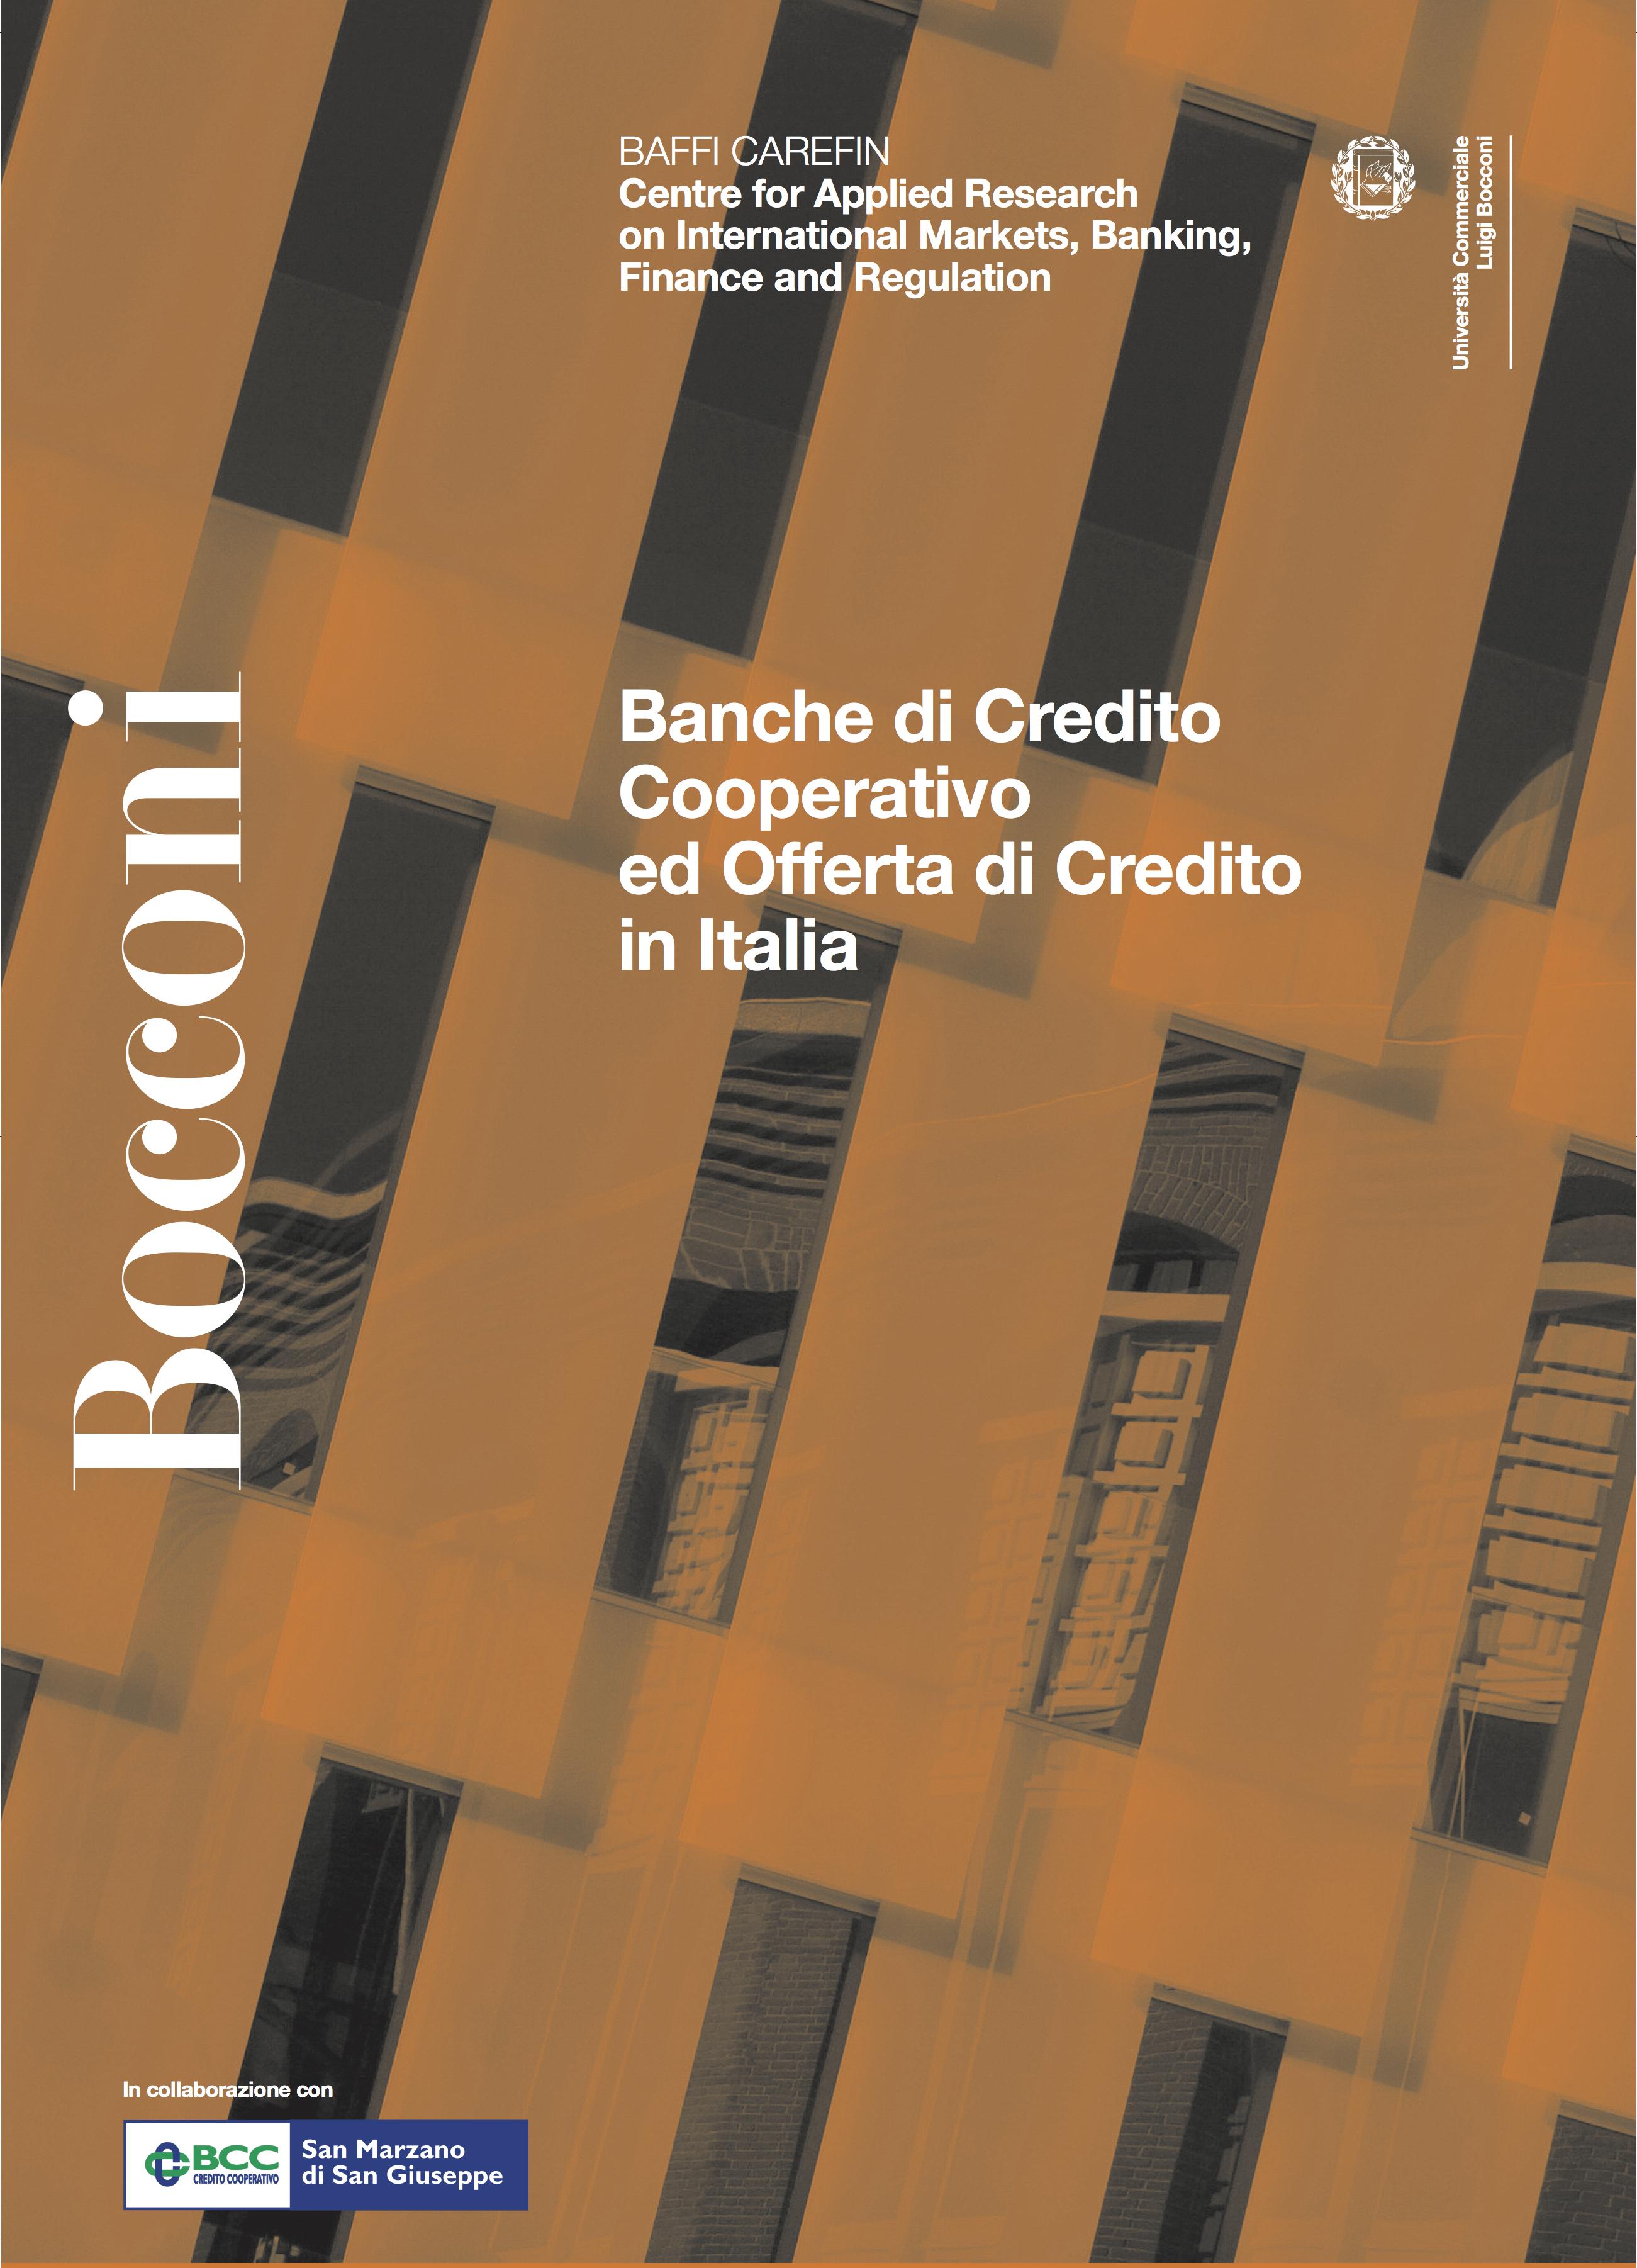 Ac group banche di credito cooperativo ed offerta di for Banche di credito cooperativo